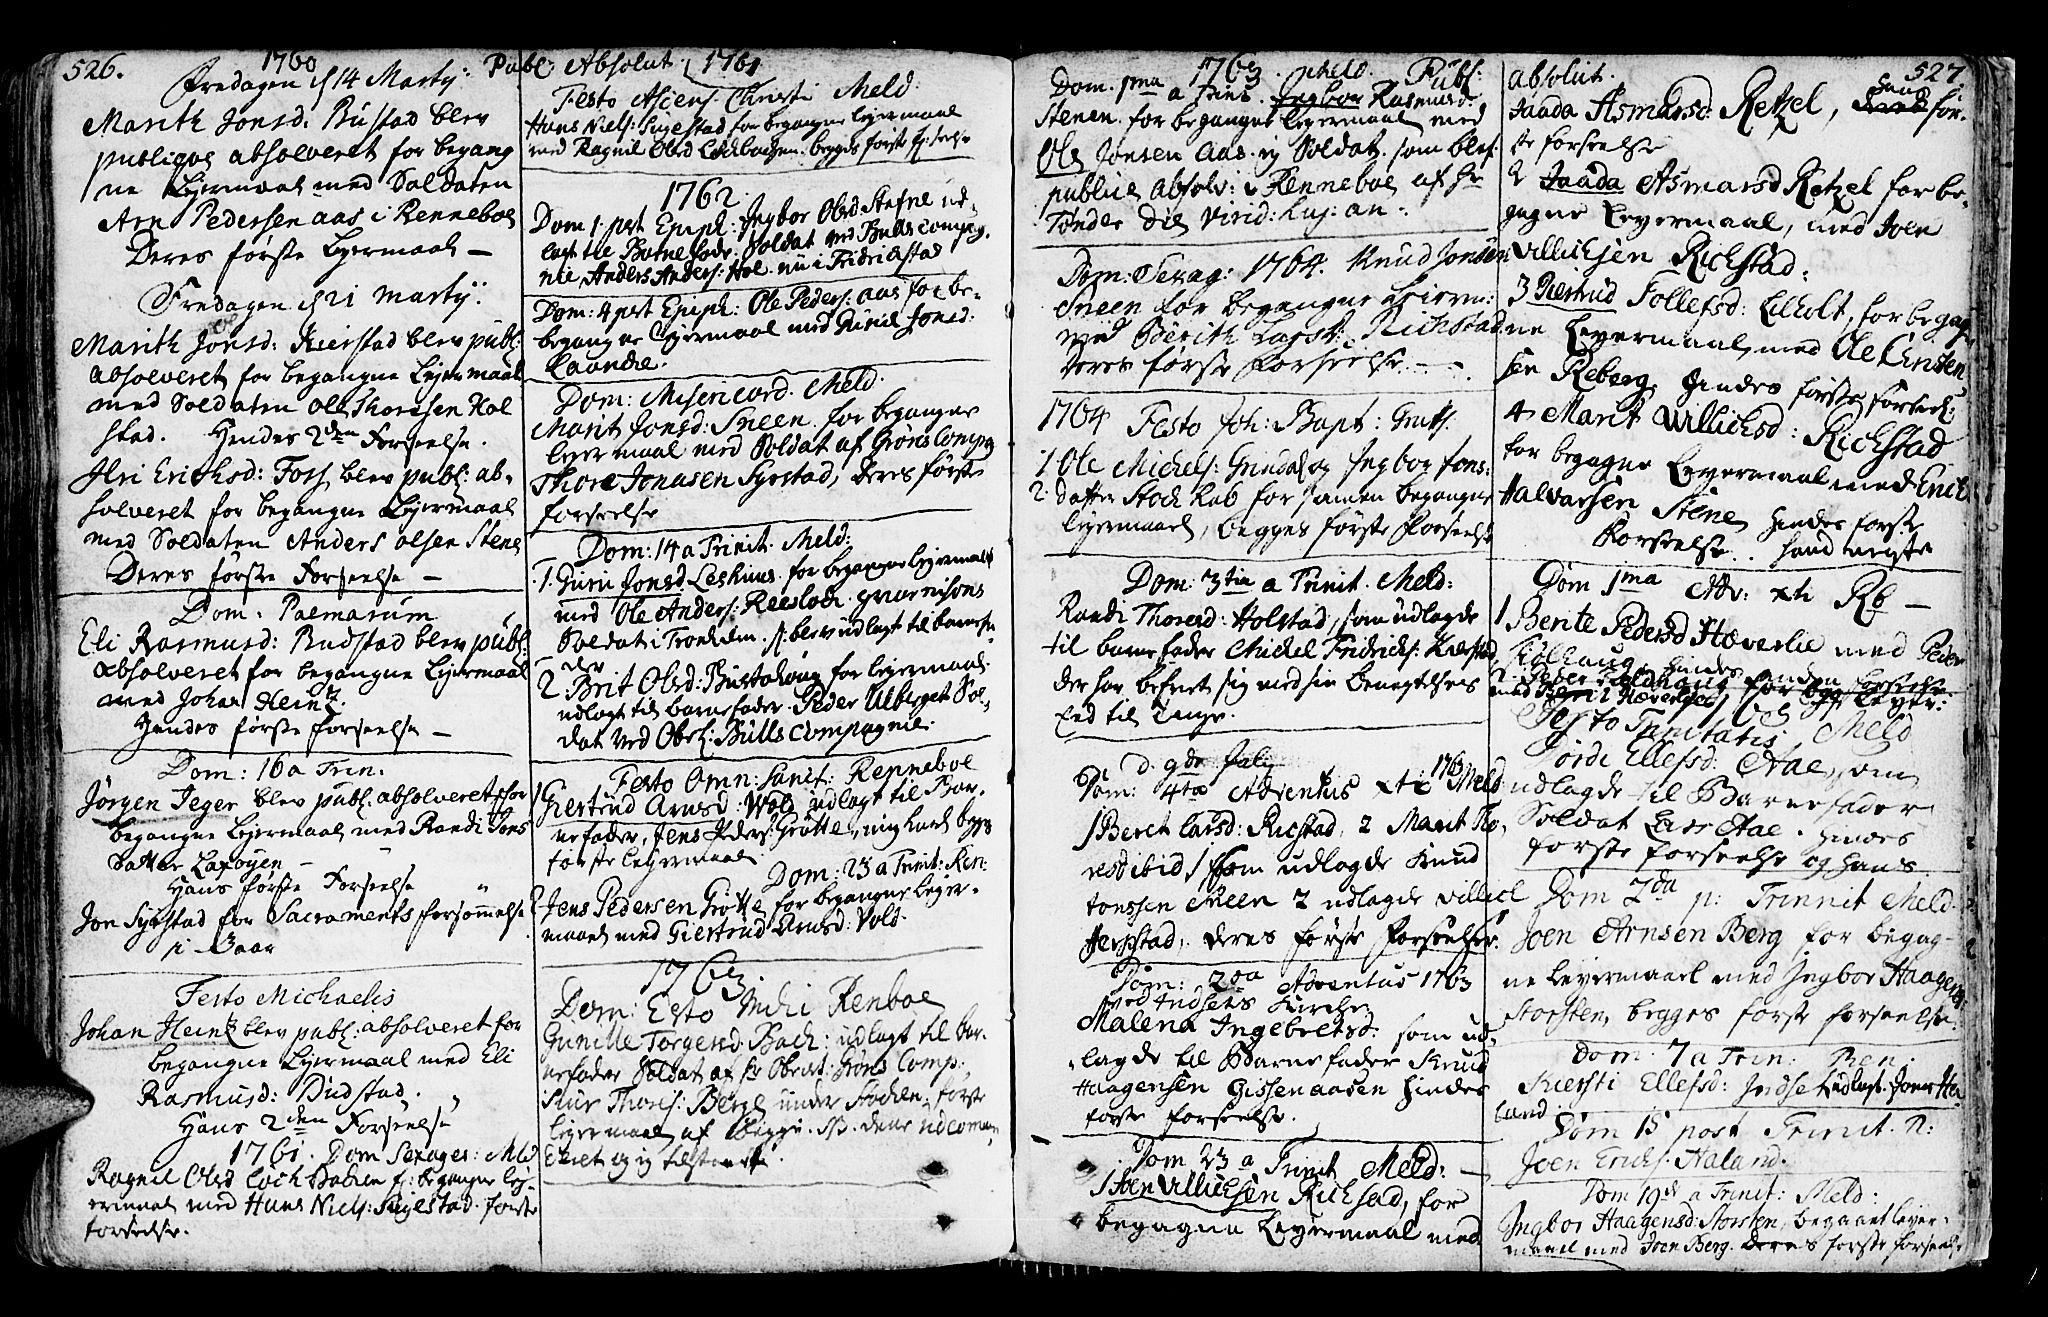 SAT, Ministerialprotokoller, klokkerbøker og fødselsregistre - Sør-Trøndelag, 672/L0851: Ministerialbok nr. 672A04, 1751-1775, s. 526-527